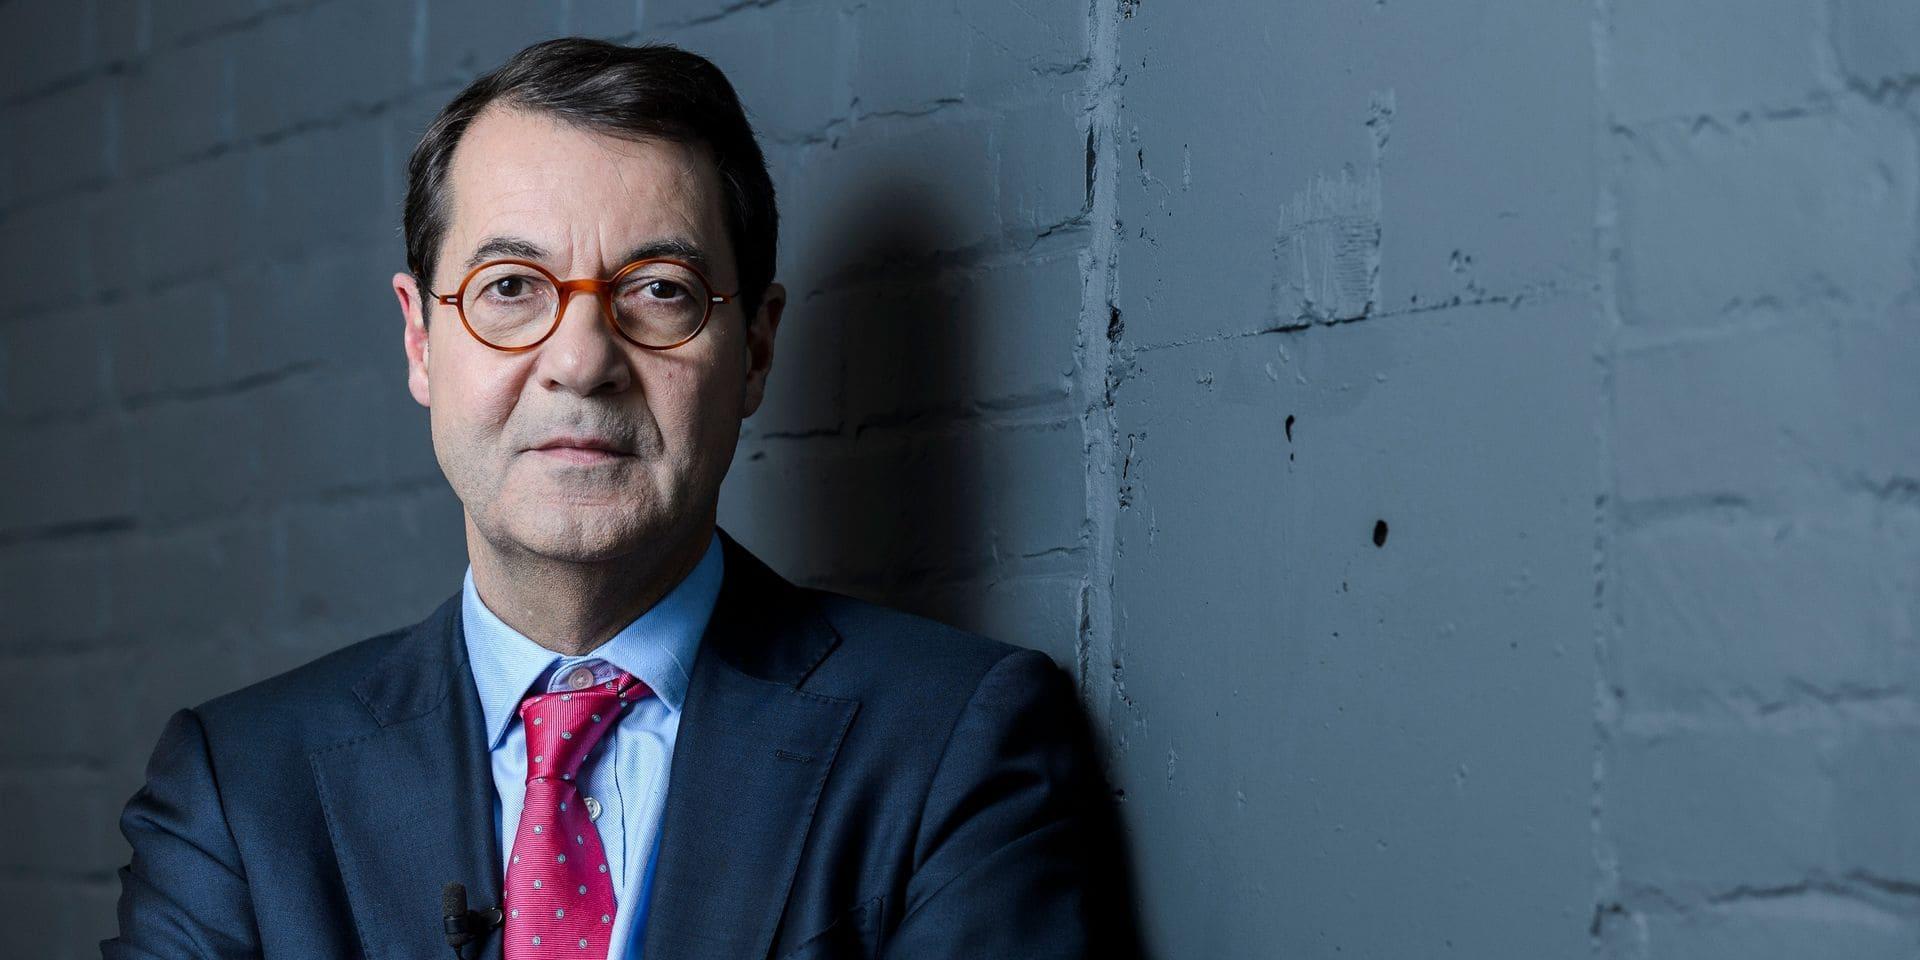 """Bruno Colmant, le nouveau CEO de Degroof Petercam, sera """"plus discret"""" sur les réseaux sociaux"""